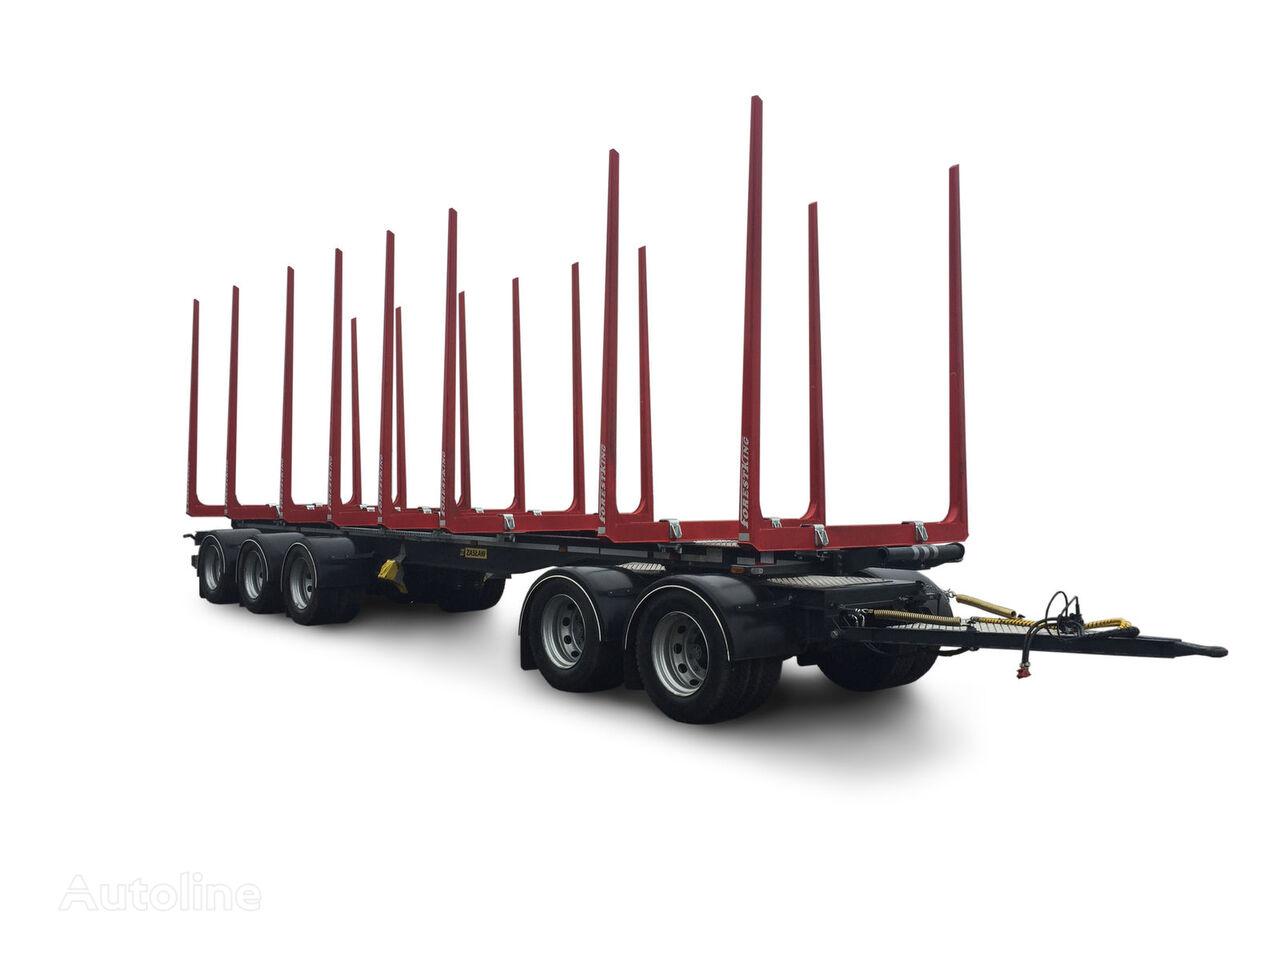 ZASLAW TRAILIS PL.11.22.T.KP rönkszállító pótkocsi